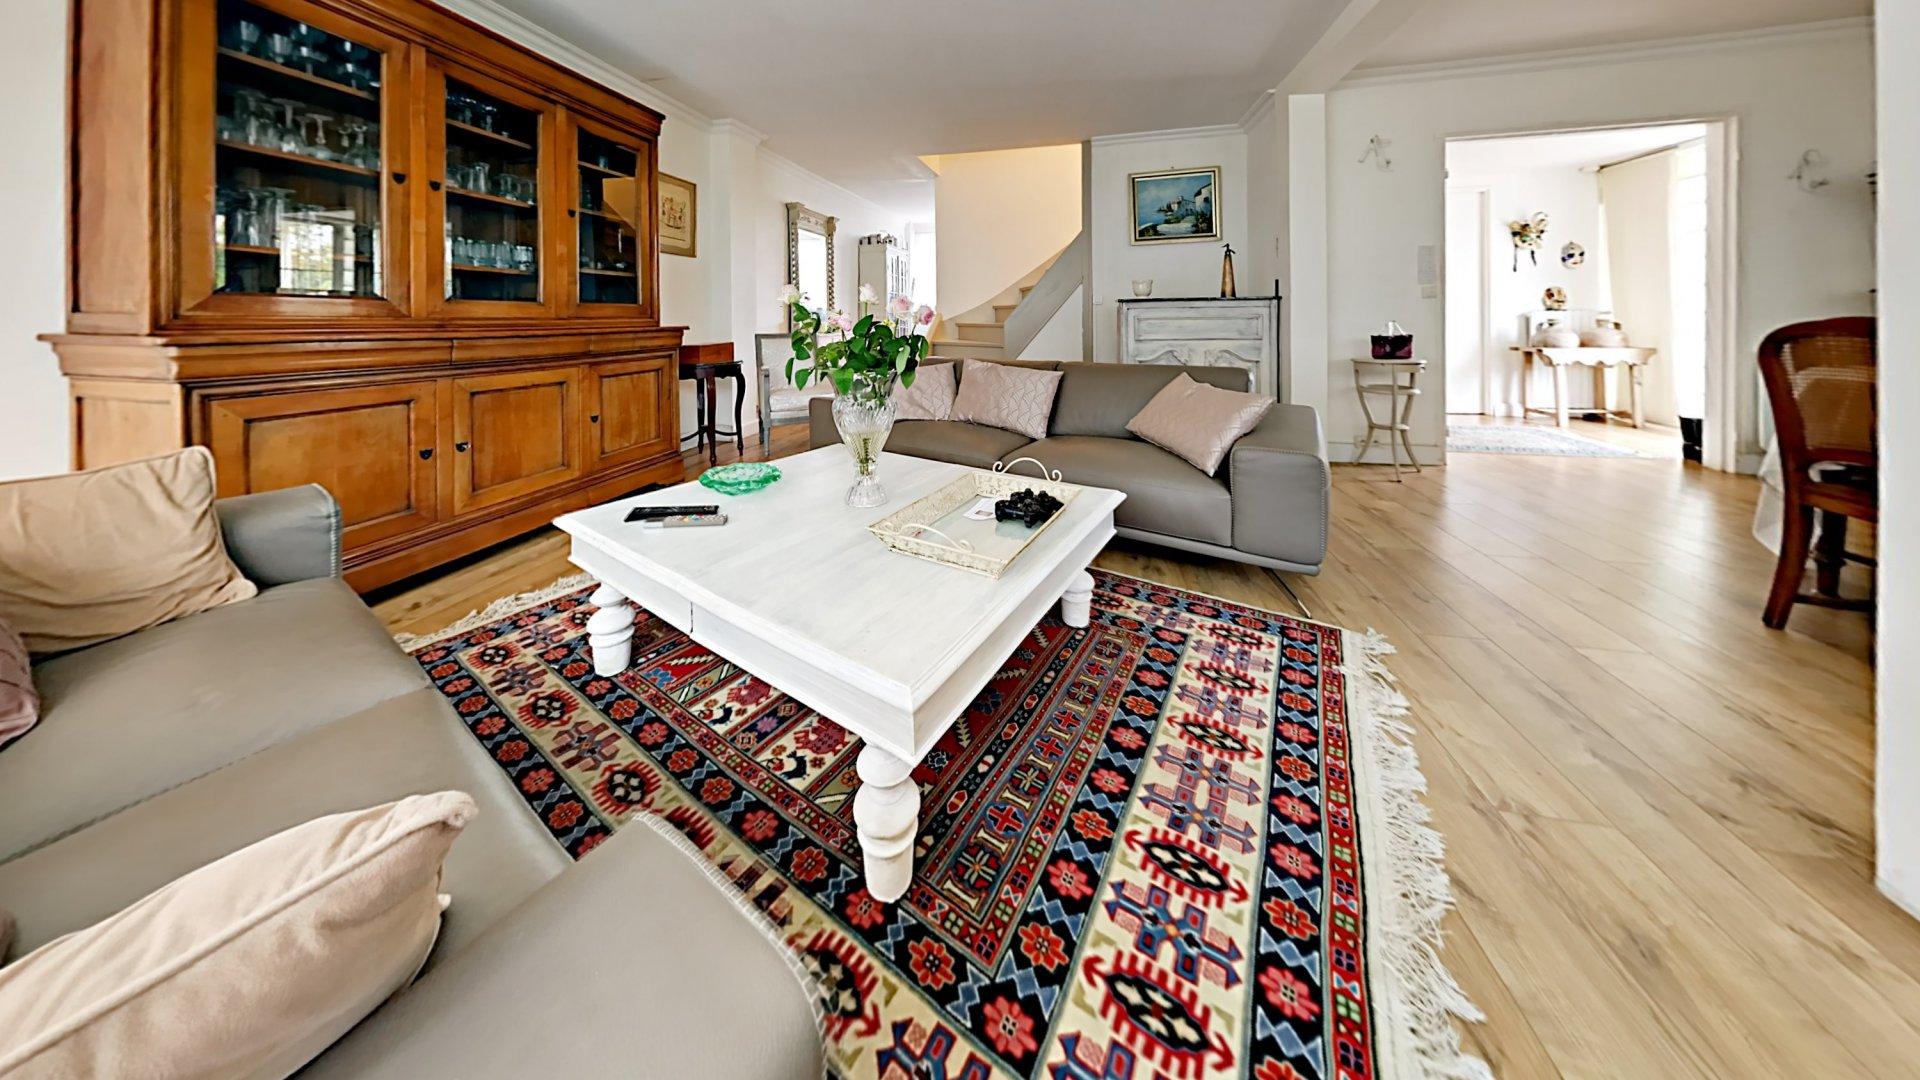 Le Pecq 78230 –RER A Vente Maison 7 pièces, 5 chambres